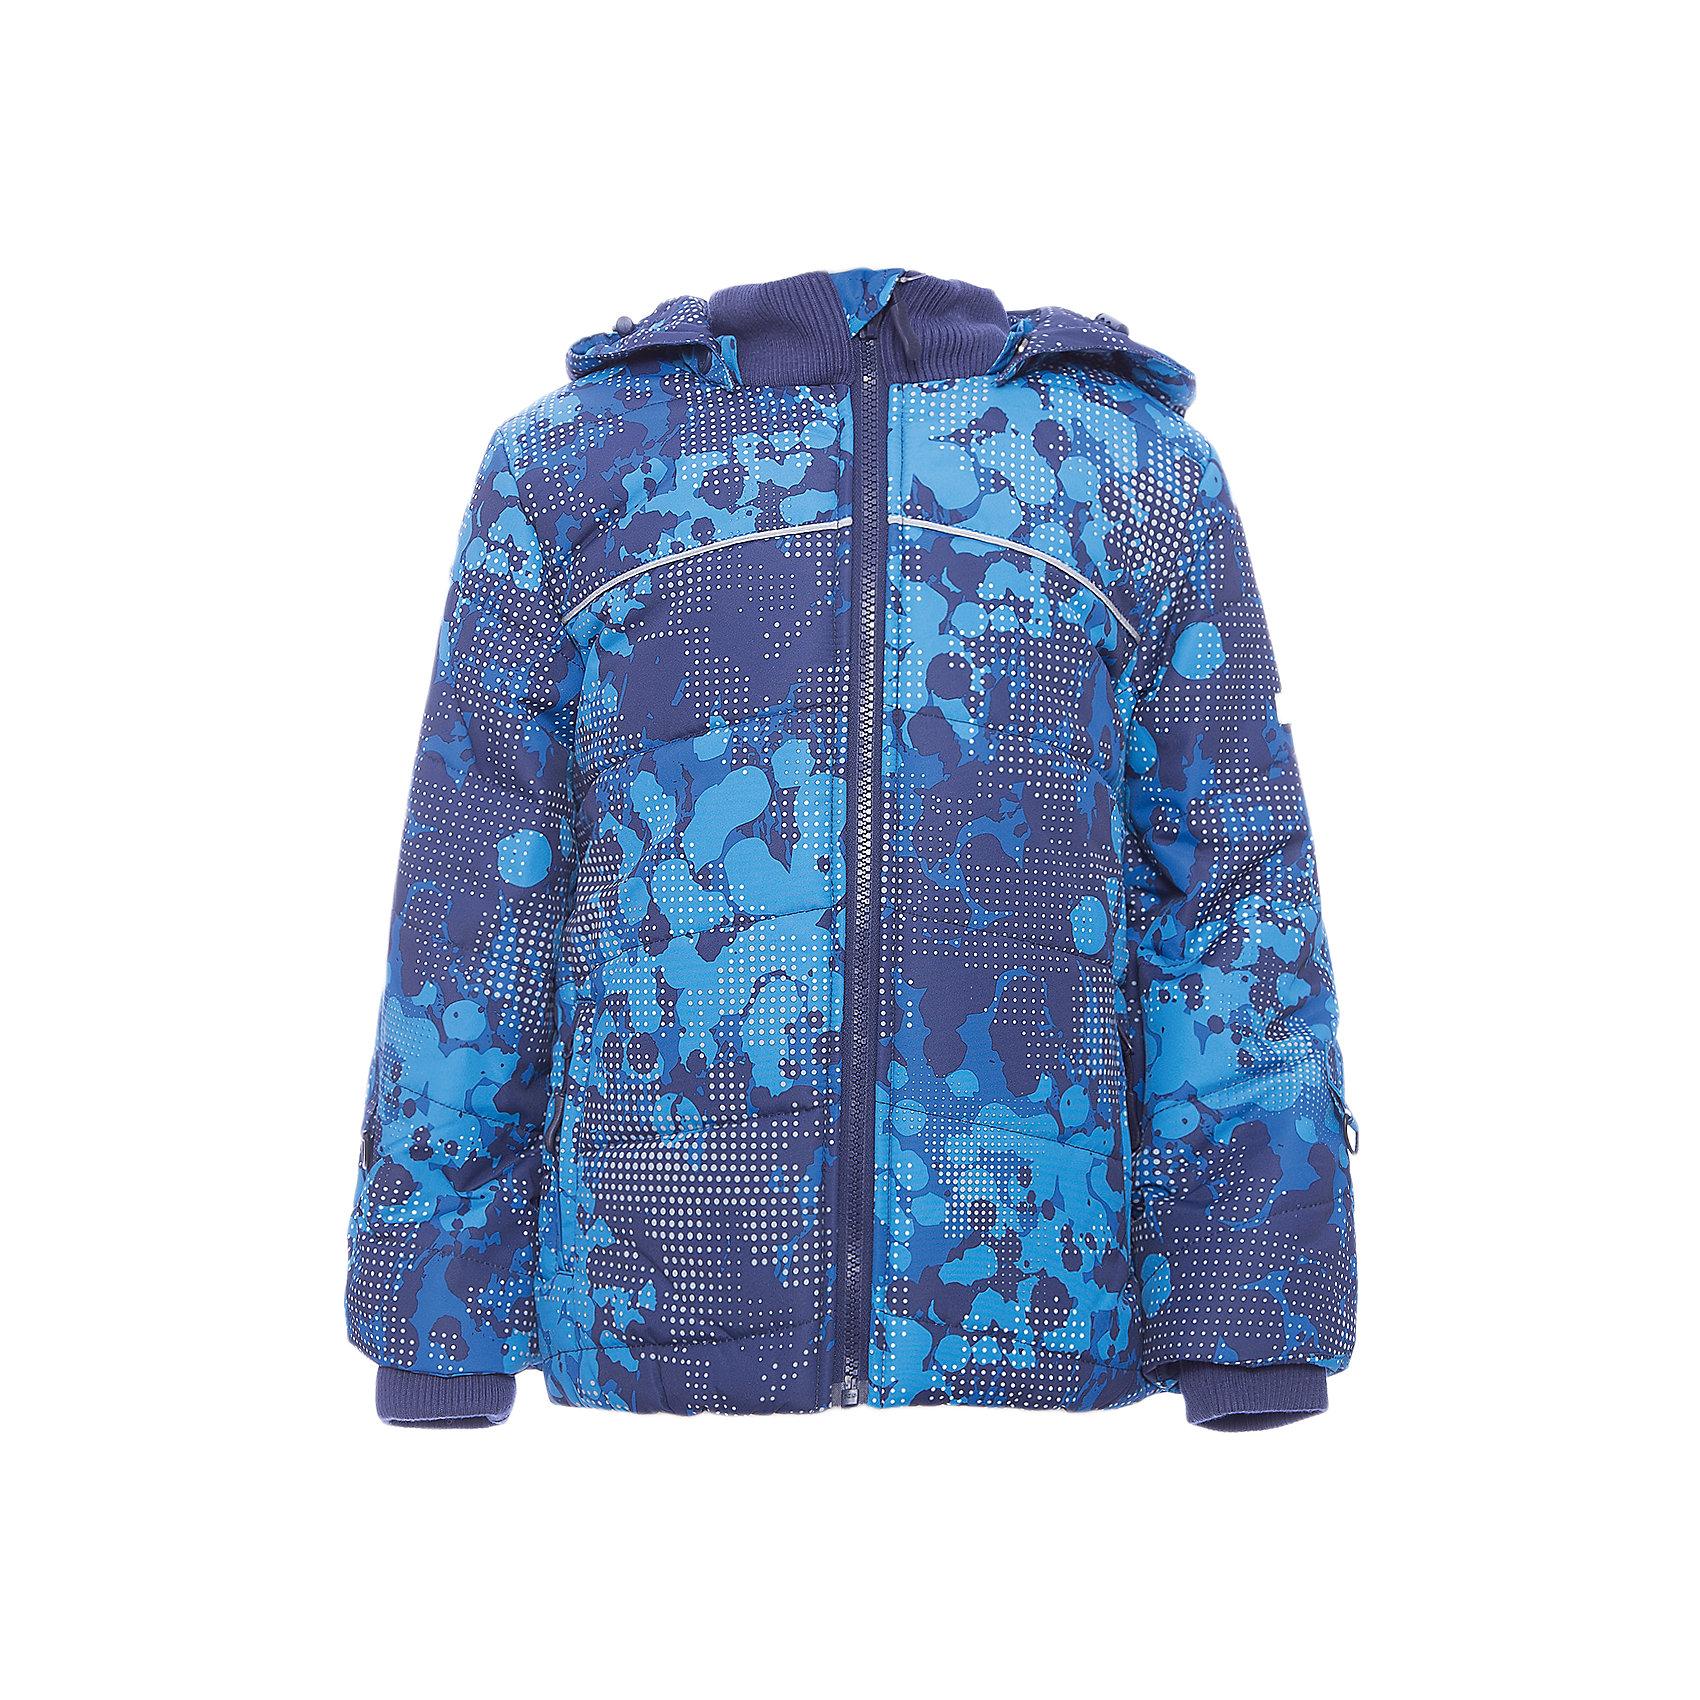 Куртка PlayToday для мальчикаВерхняя одежда<br>Куртка PlayToday для мальчика<br>Теплая куртка из ткани с водоотталкивающей пропиткой - отличное решение для холодной погоды. Капюшон на кнопках, при необходимости его можно отстегнуть. Контур капюшона на регулируемом шнуре - кулиске. Куртка на молнии. Специальный карман для бегунка не позволит застежке травмировать нежную детскую кожу. Светоотражающие элементы обеспечат видимость ребенка в темное время суток. Подкладка из мягкого флиса. Куртка дополнена снегозащитной юбкой. Вшивные трикотажные манжеты для дополнительного сохранения тепла. На рукавах предусмотрены специальные кольца для перчаток. Воротник - стойка из плотного трикотажа не вызывает неприятных ощущений.<br>Состав:<br>Верх: 100% полиэстер, Подкладка: 100% полиэстер, Наполнитель: 100% полиэстер, 300 г/м2<br><br>Ширина мм: 356<br>Глубина мм: 10<br>Высота мм: 245<br>Вес г: 519<br>Цвет: белый<br>Возраст от месяцев: 84<br>Возраст до месяцев: 96<br>Пол: Мужской<br>Возраст: Детский<br>Размер: 128,98,104,110,116,122<br>SKU: 7110746